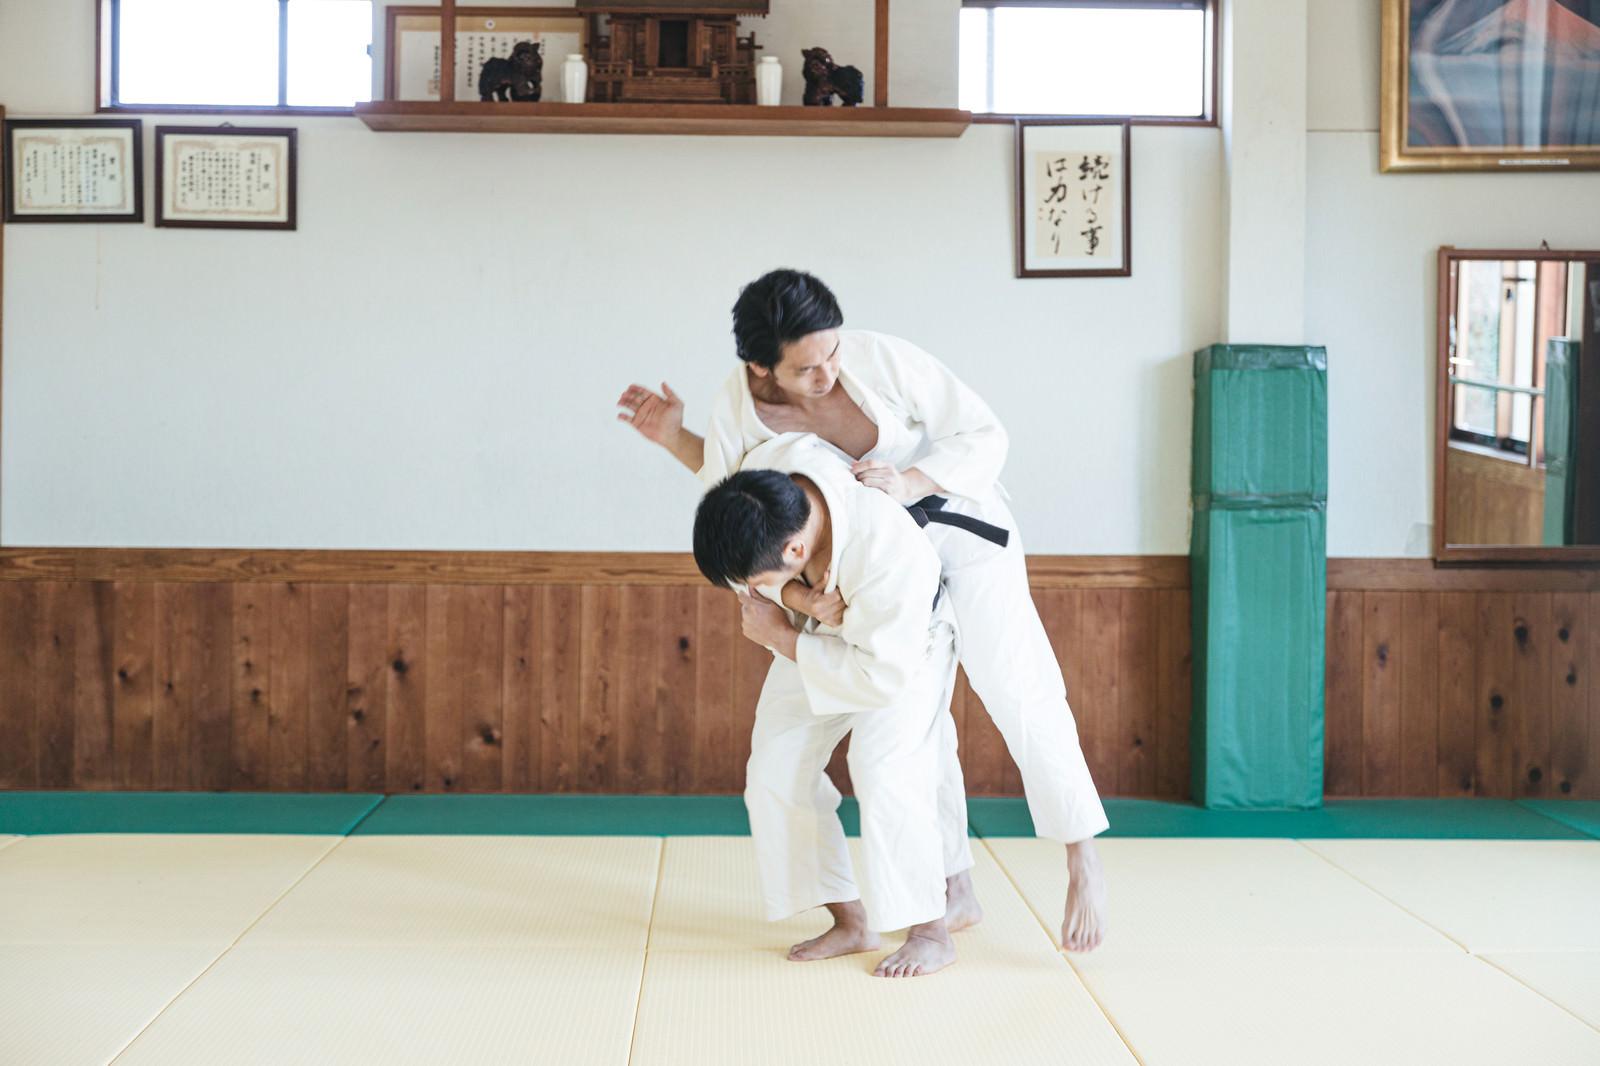 「柔道の投げ技 一本背負い(シーン4)」の写真[モデル:大川竜弥]